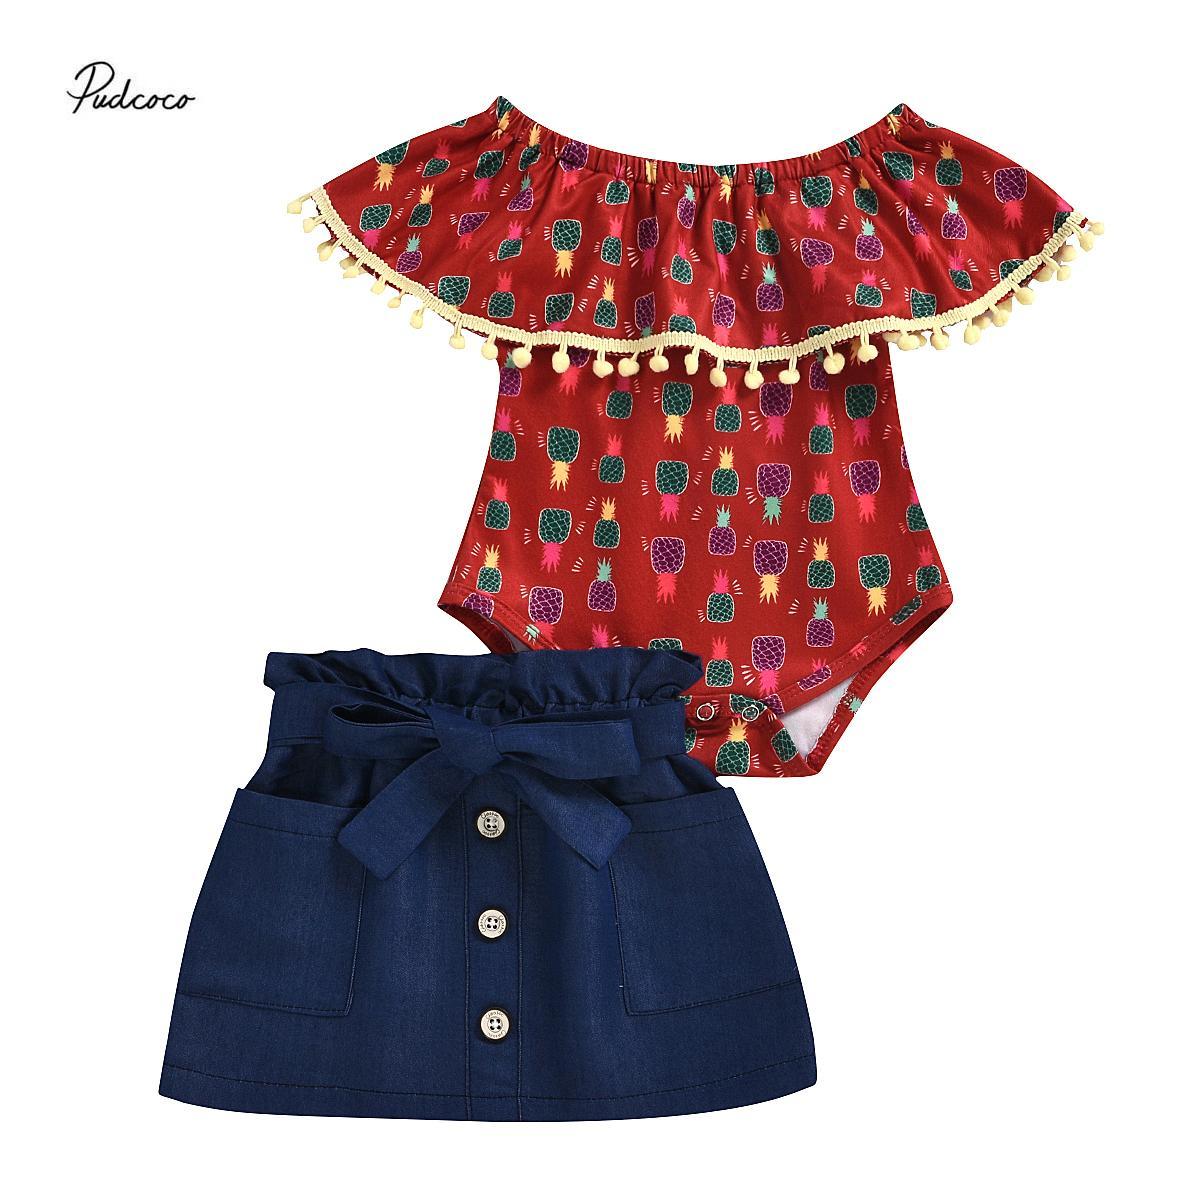 Summer Infant Baby-Ananas-Druck Rüschen Body-Denim-Rock-Kleidung eingestelltes